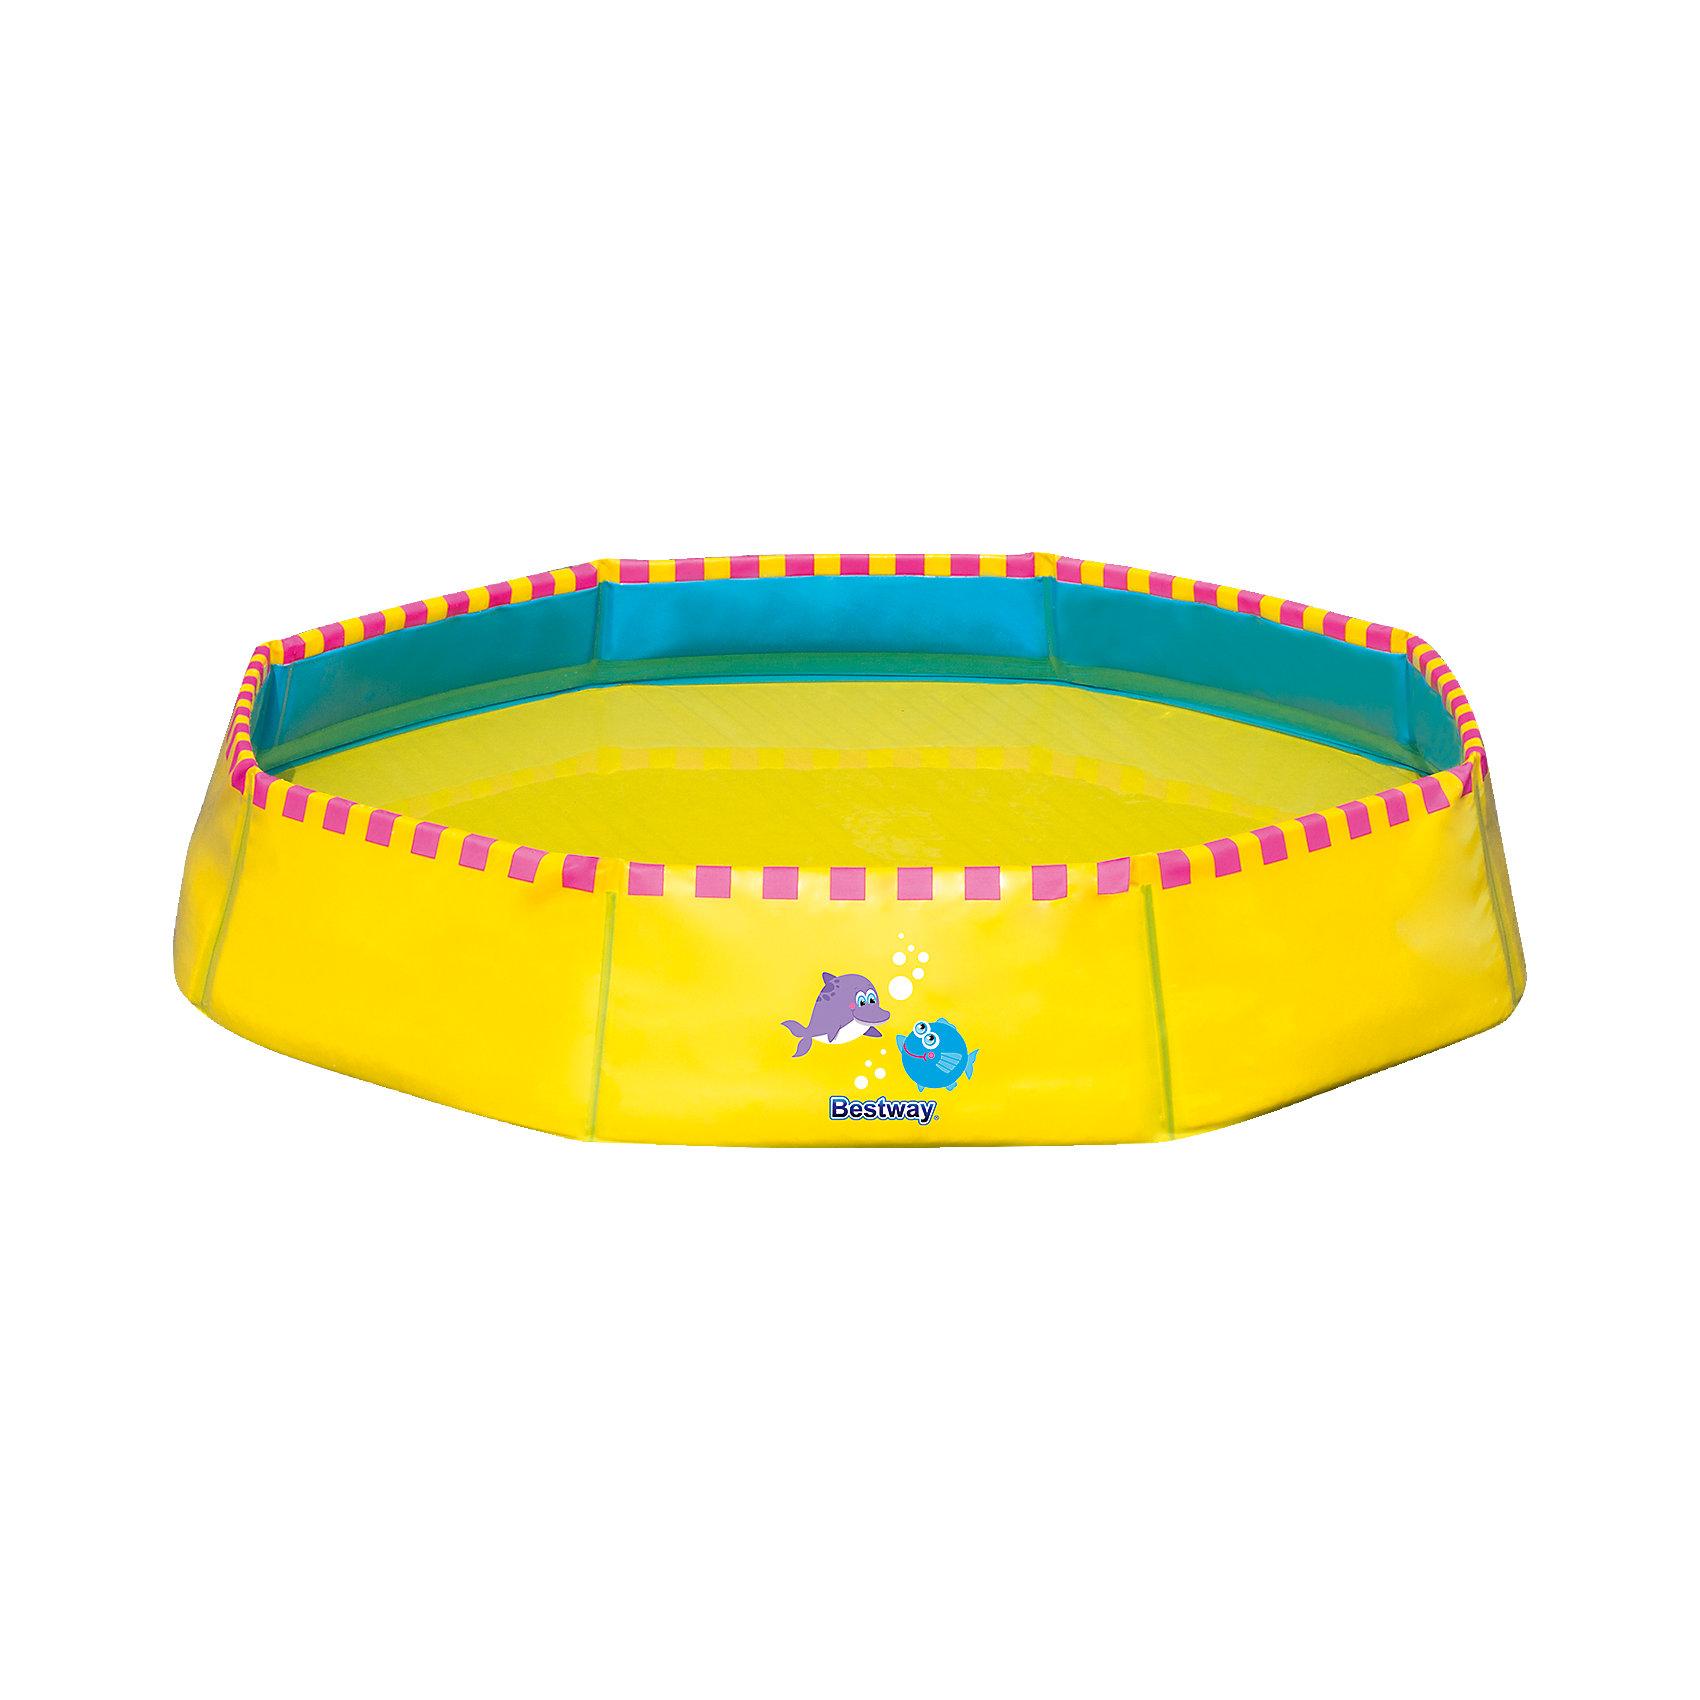 Bestway Ненадувной бассейн, 117 л жёлтый, Bestway бассейн tom jerry bestway 61х15 см bw93043